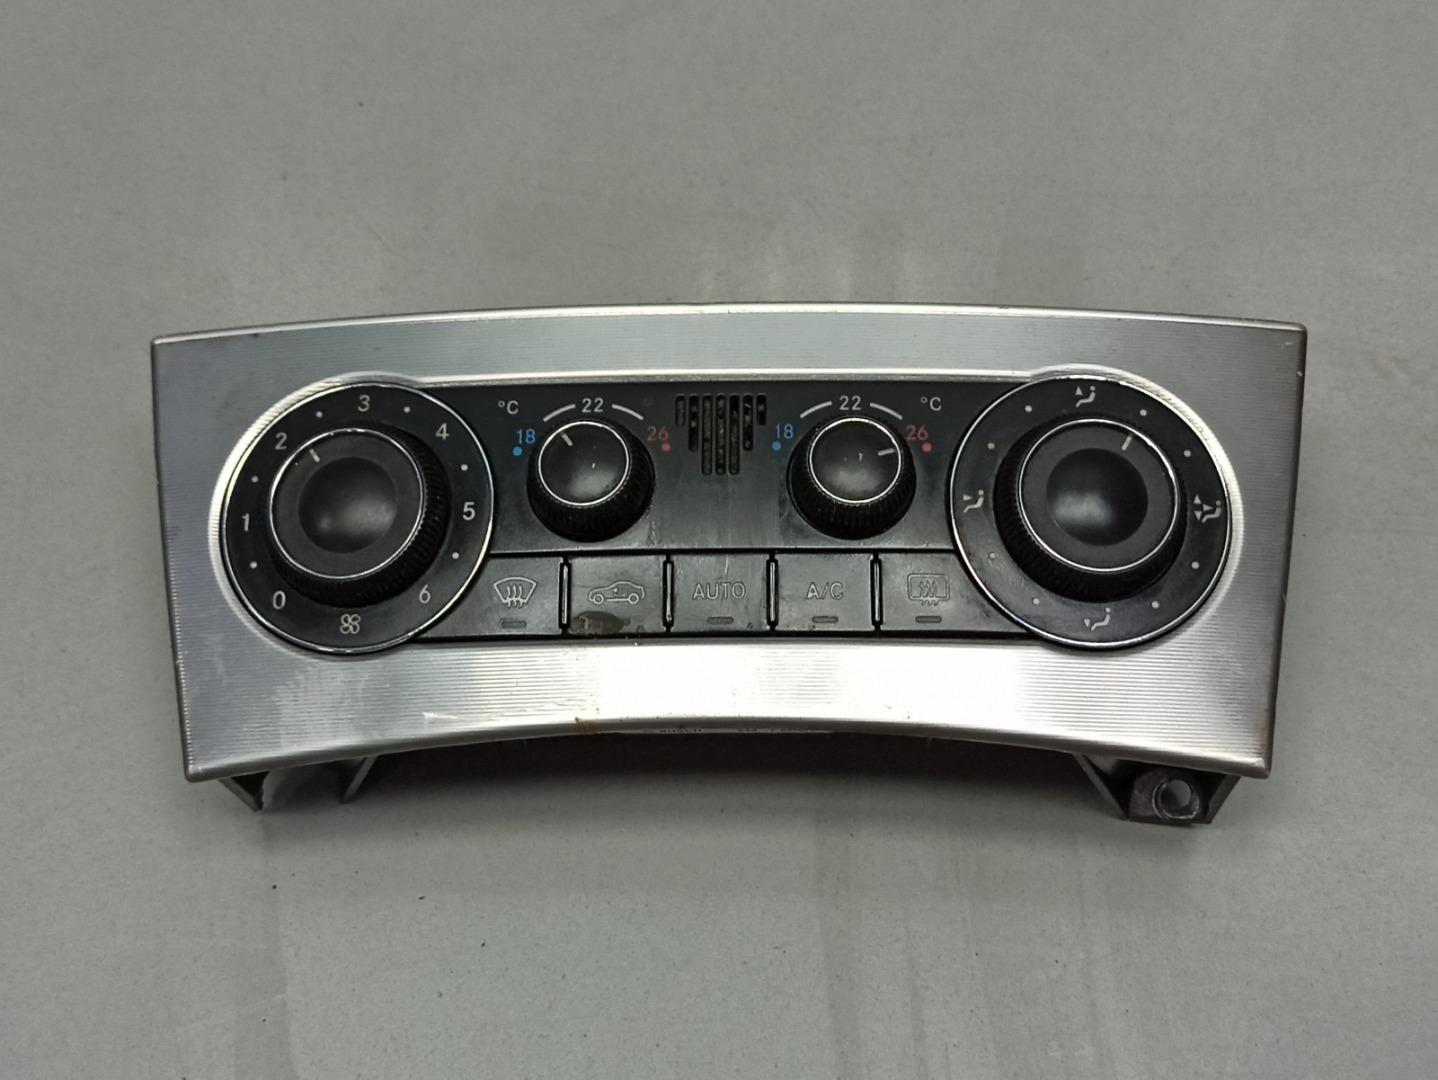 Блок управления печкой климатом Mercedes C Class W203 646.963 2007 (б/у)